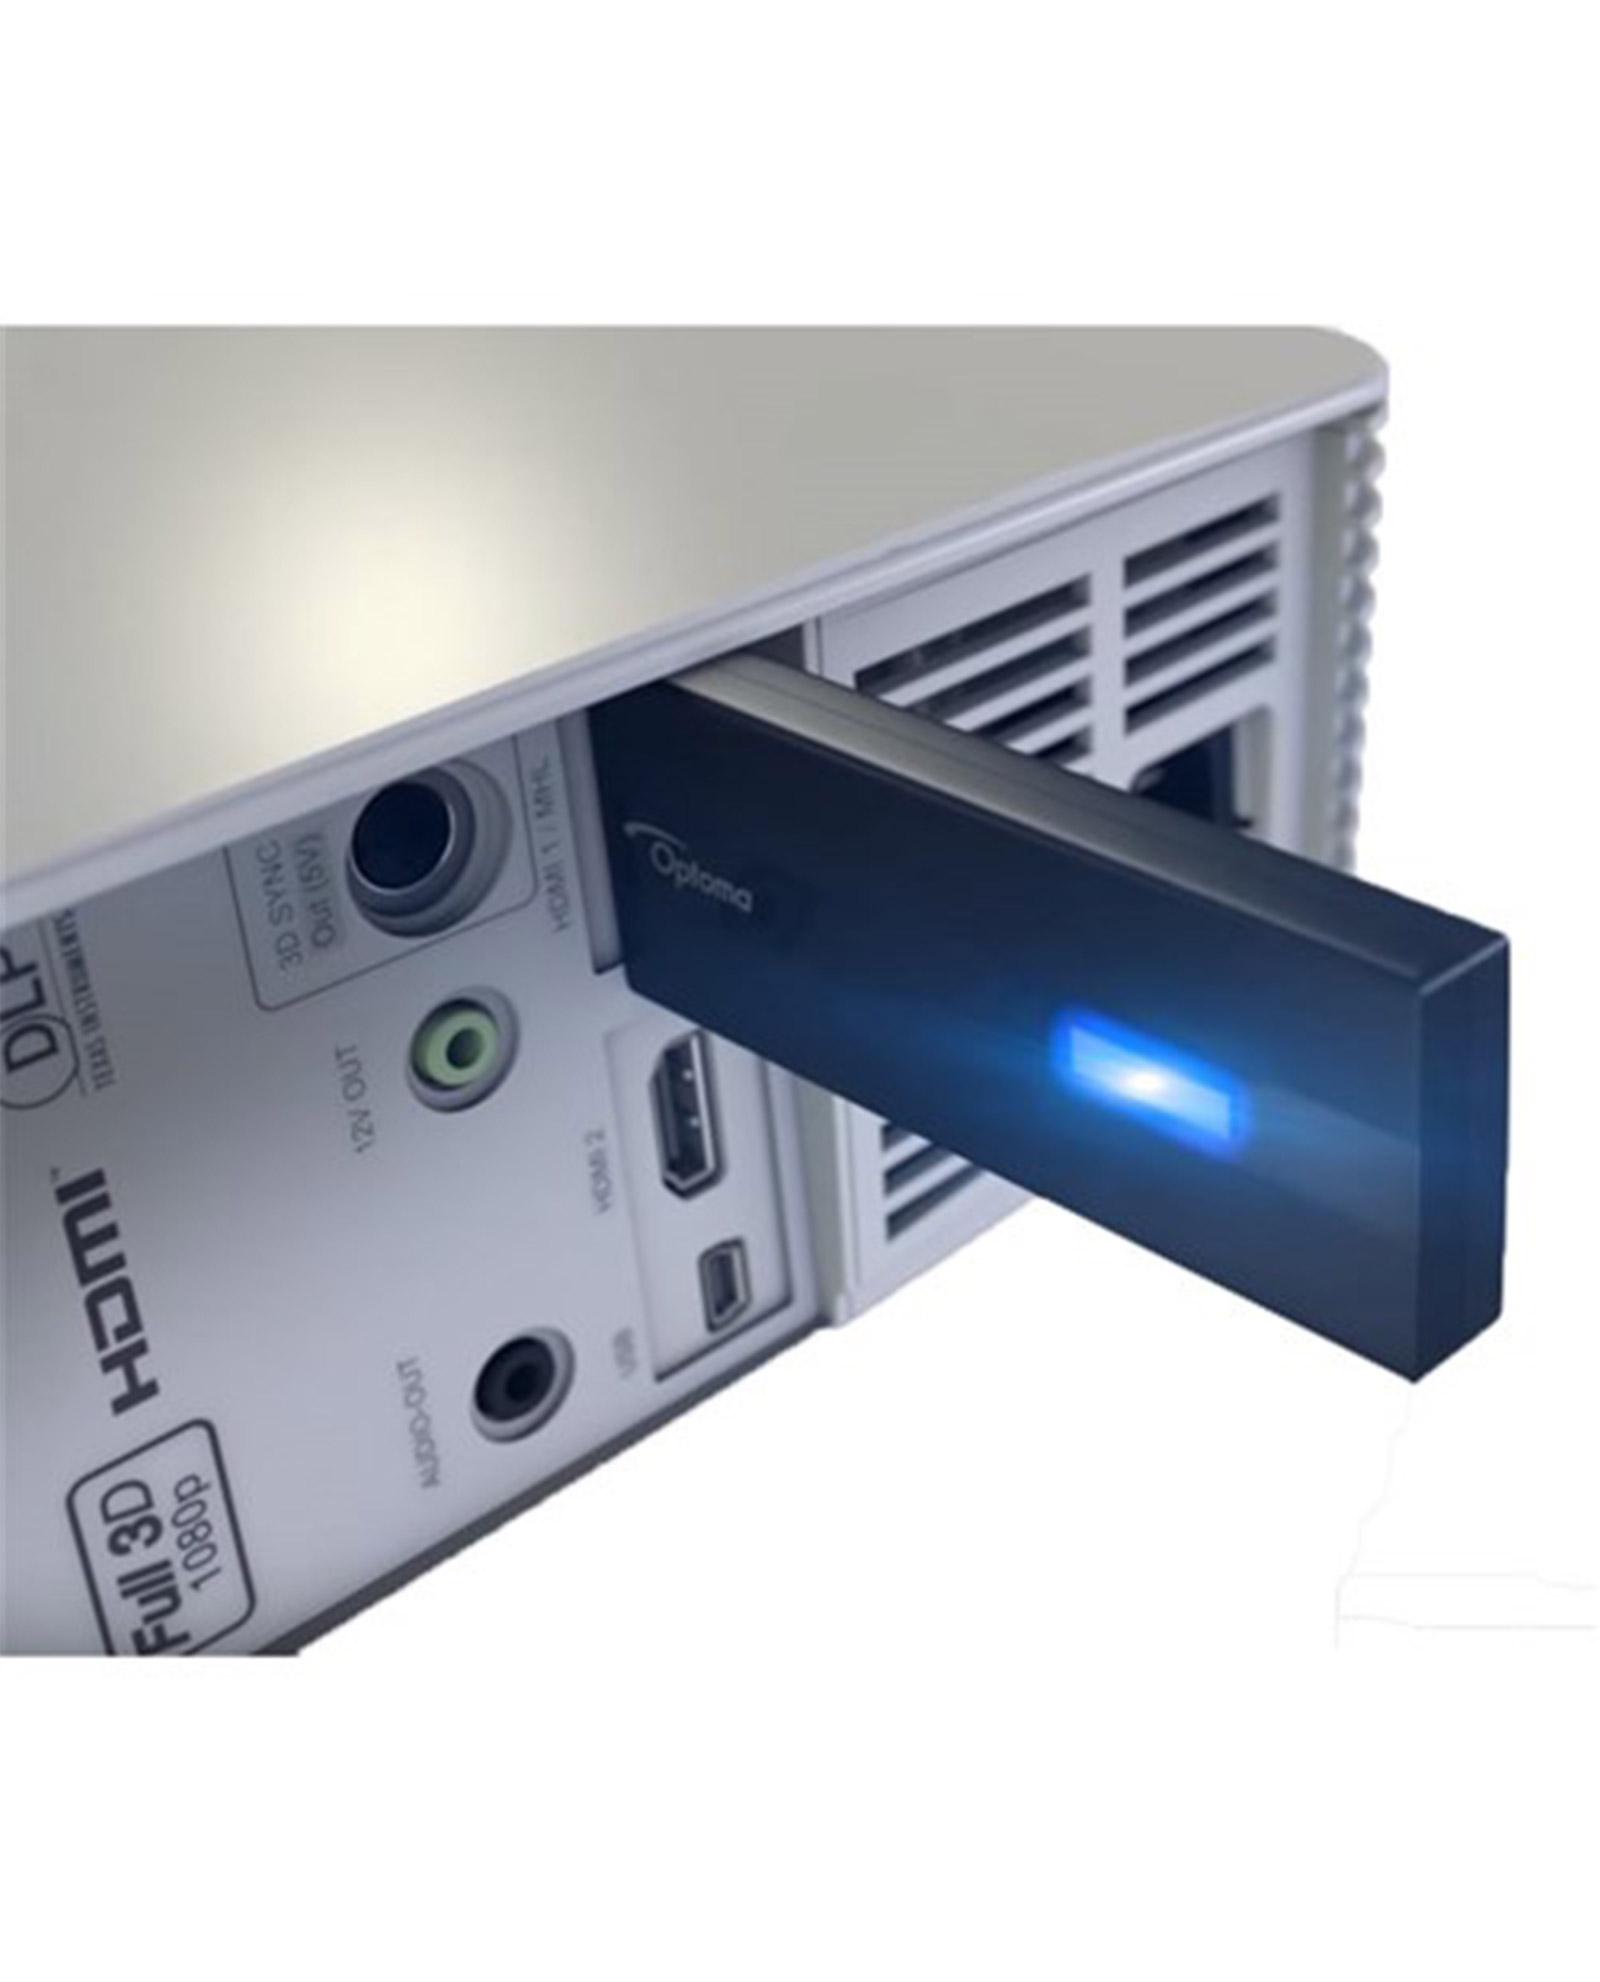 Optoma Hdmi Wireless Dongle